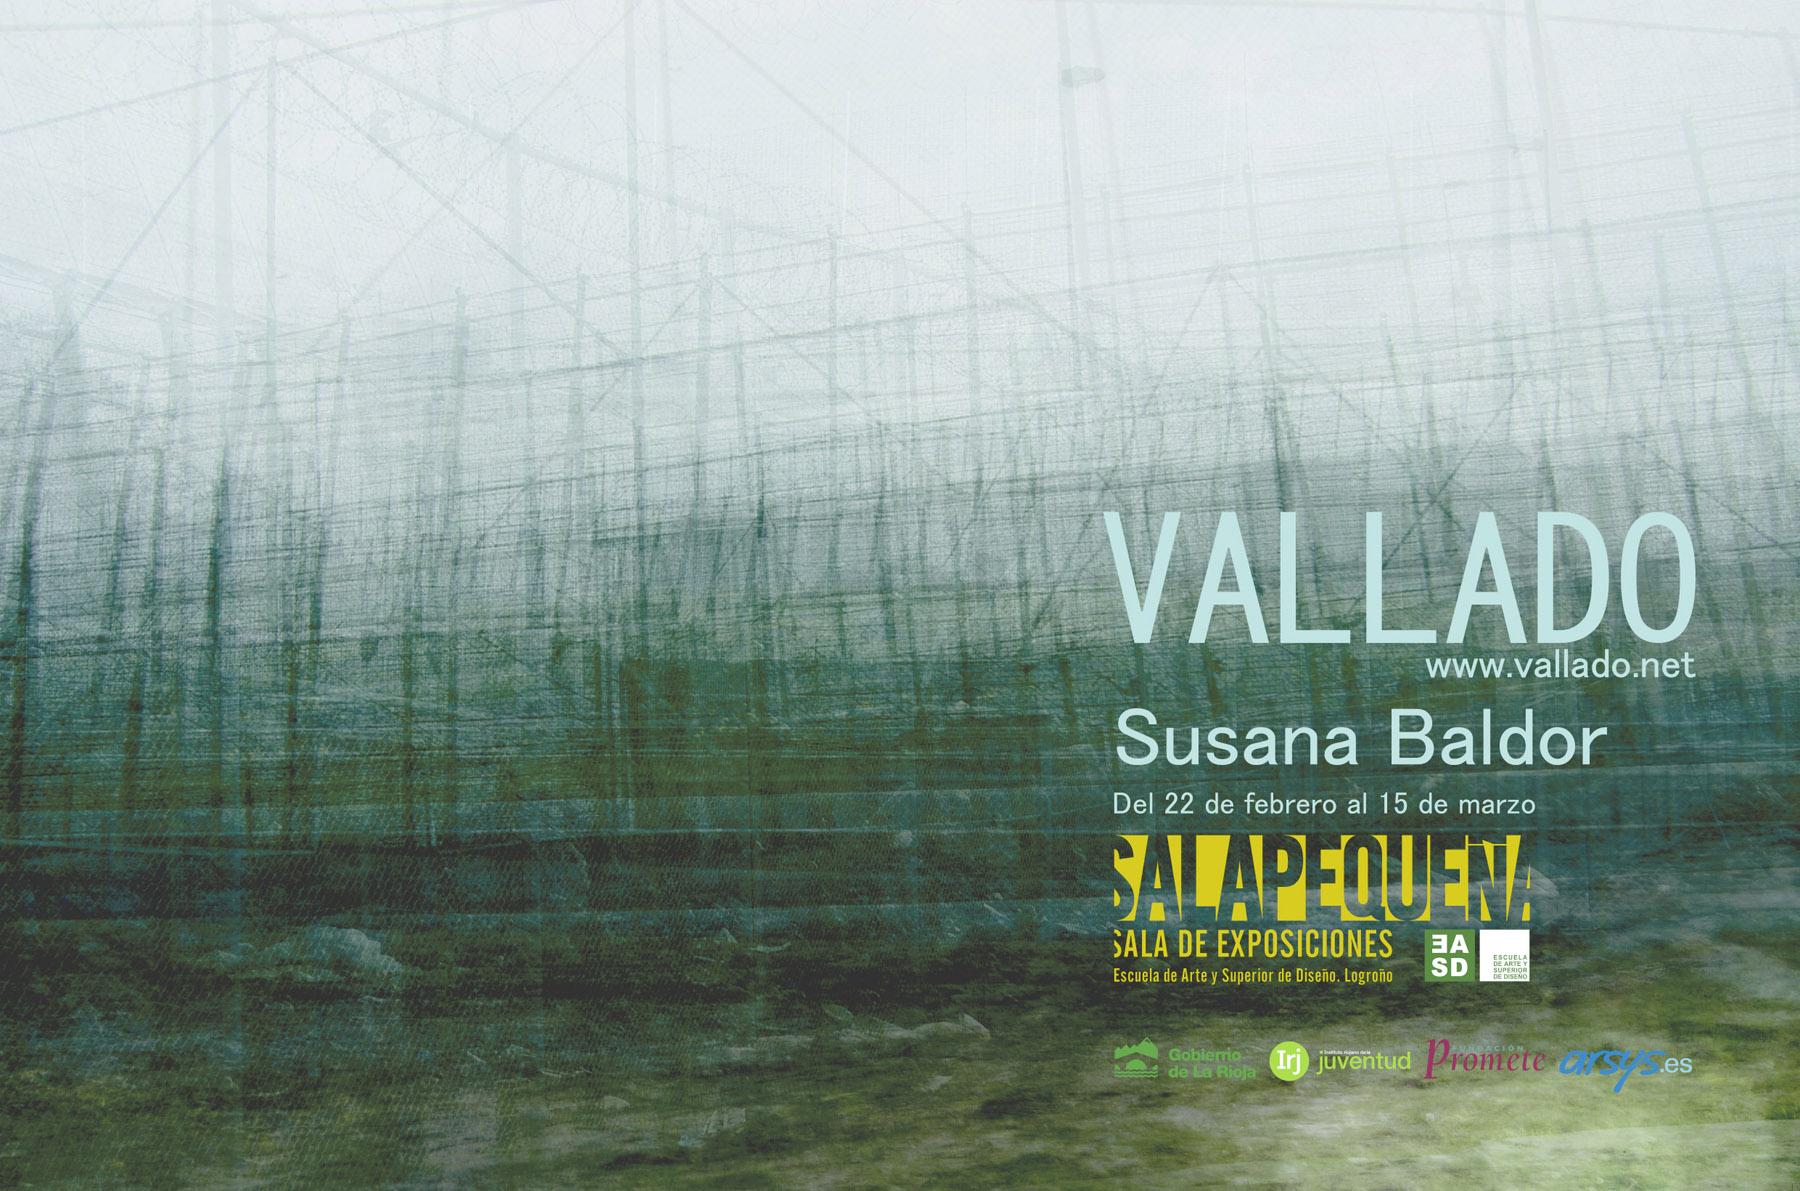 Vallado. Susana Baldor. Ciclo SALAPEQUEÑA.